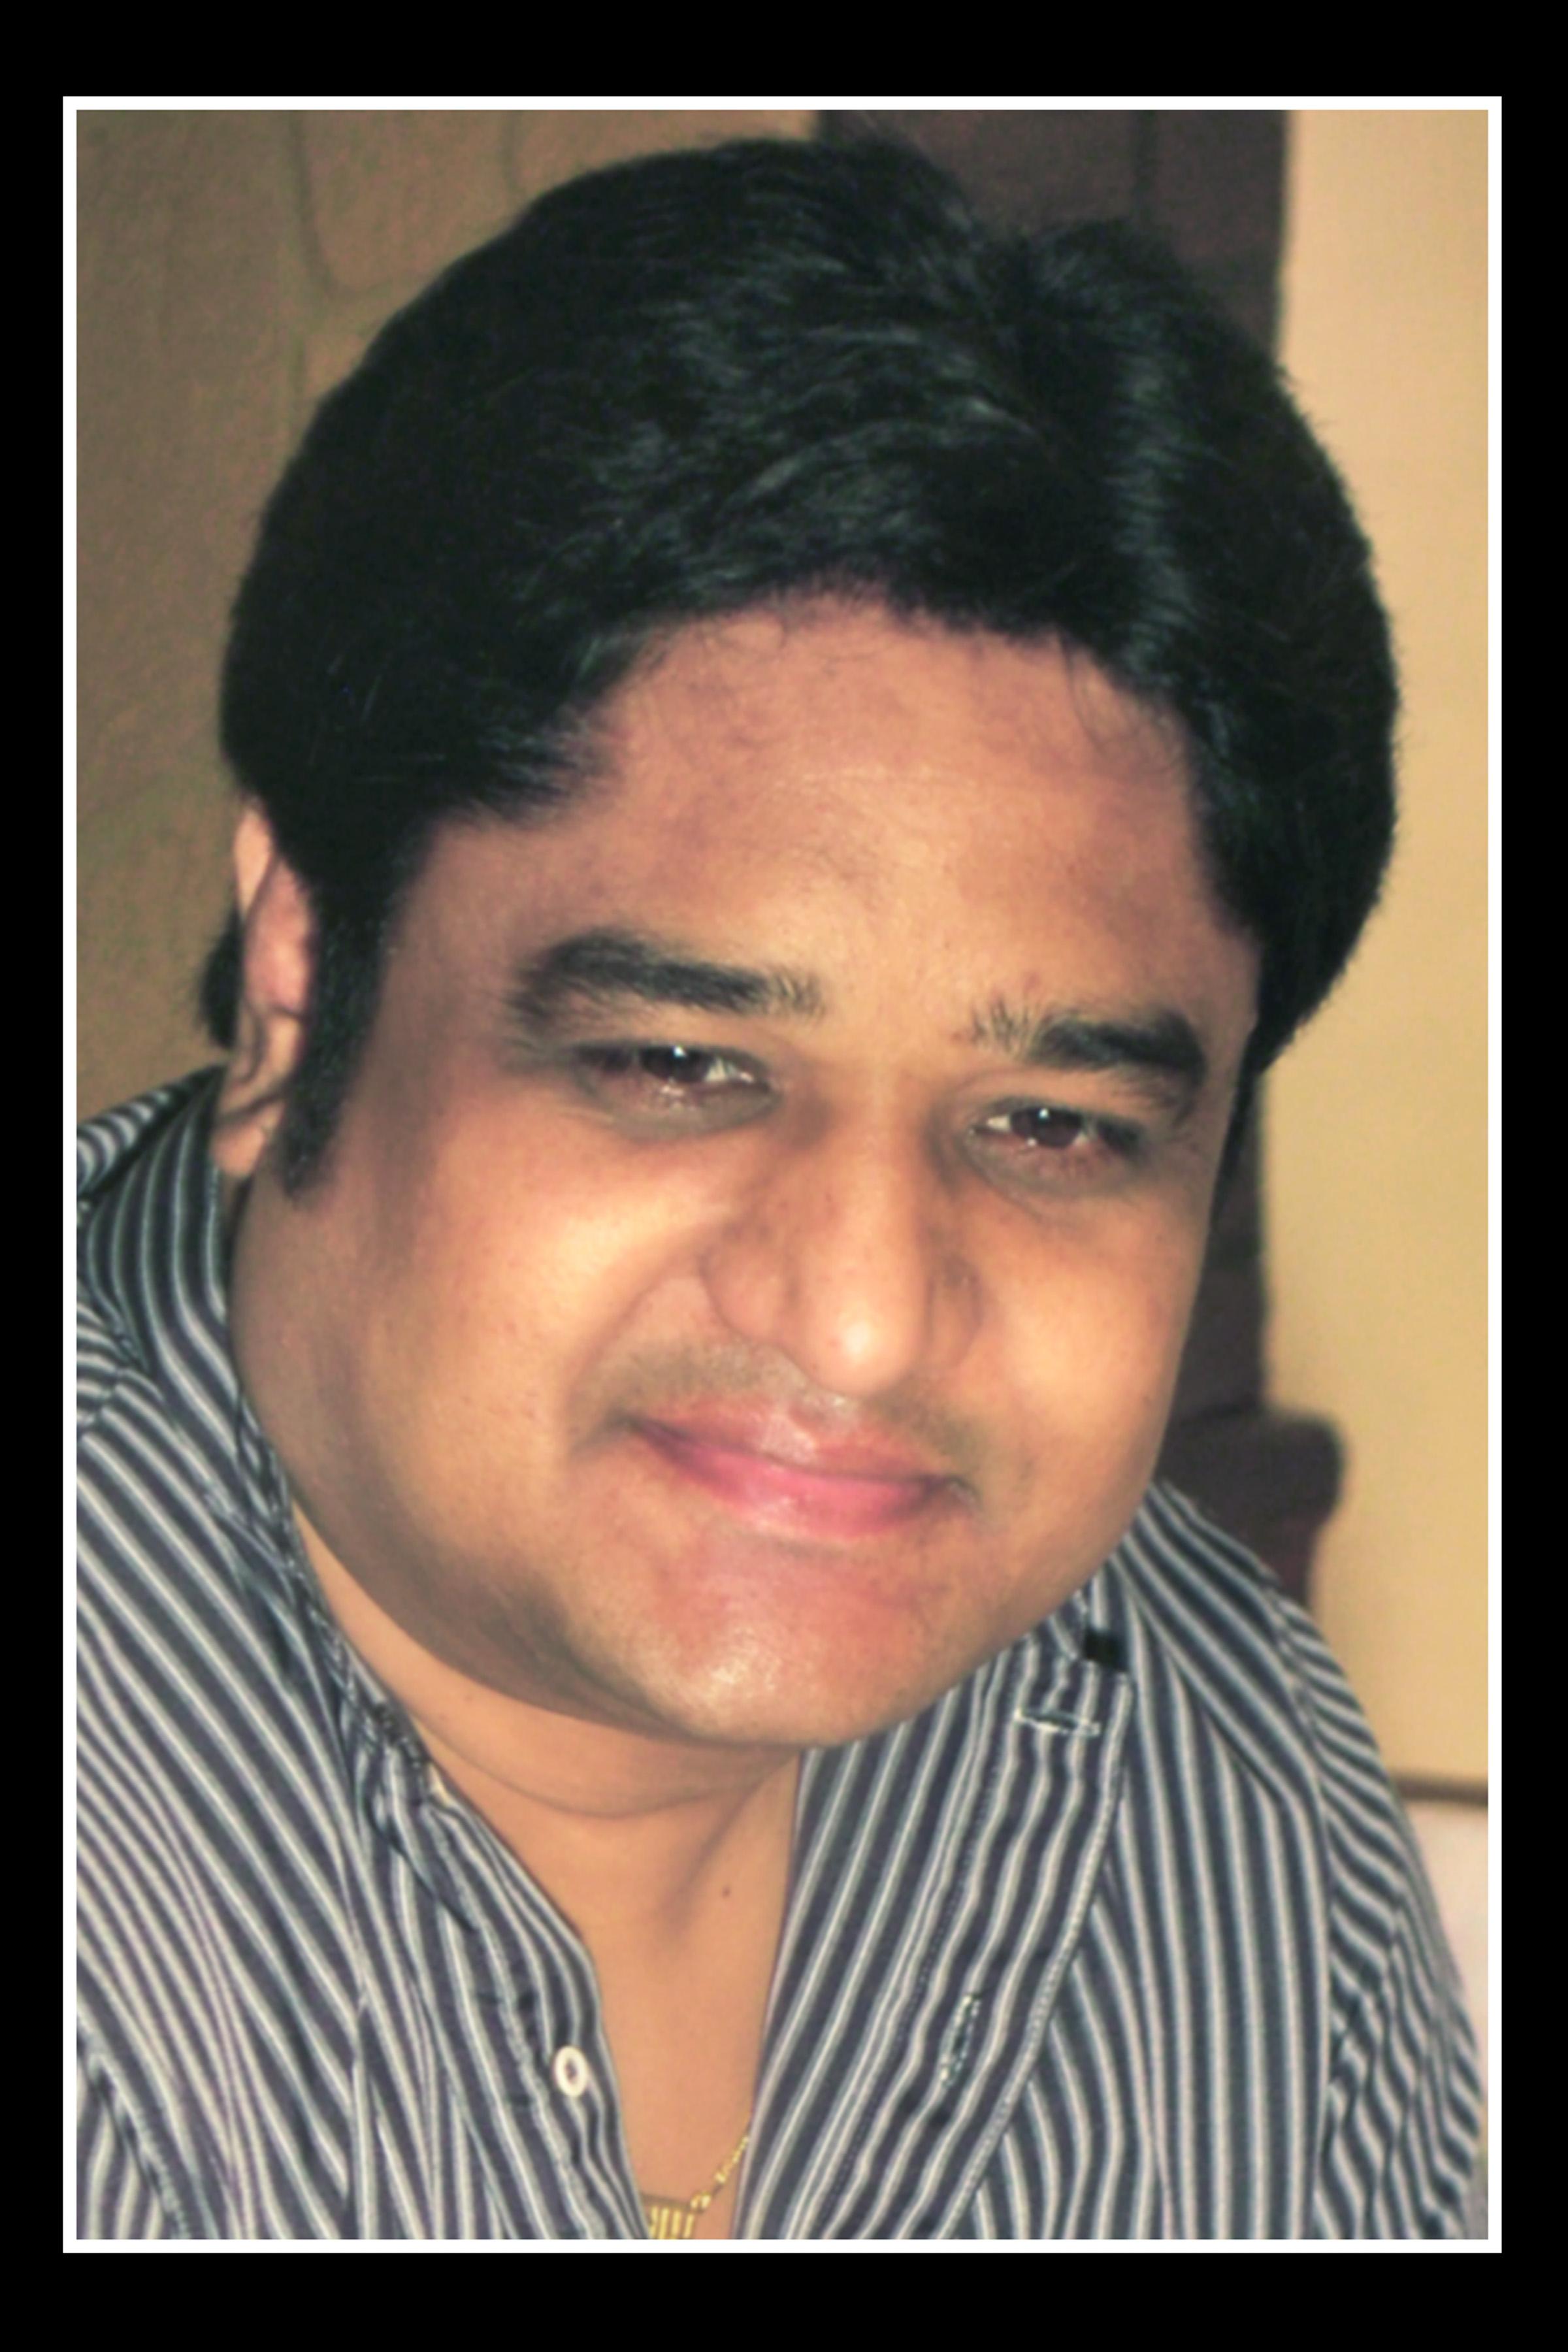 पंथ श्री हुजुर प्रकाशमुनि नाम साहेब